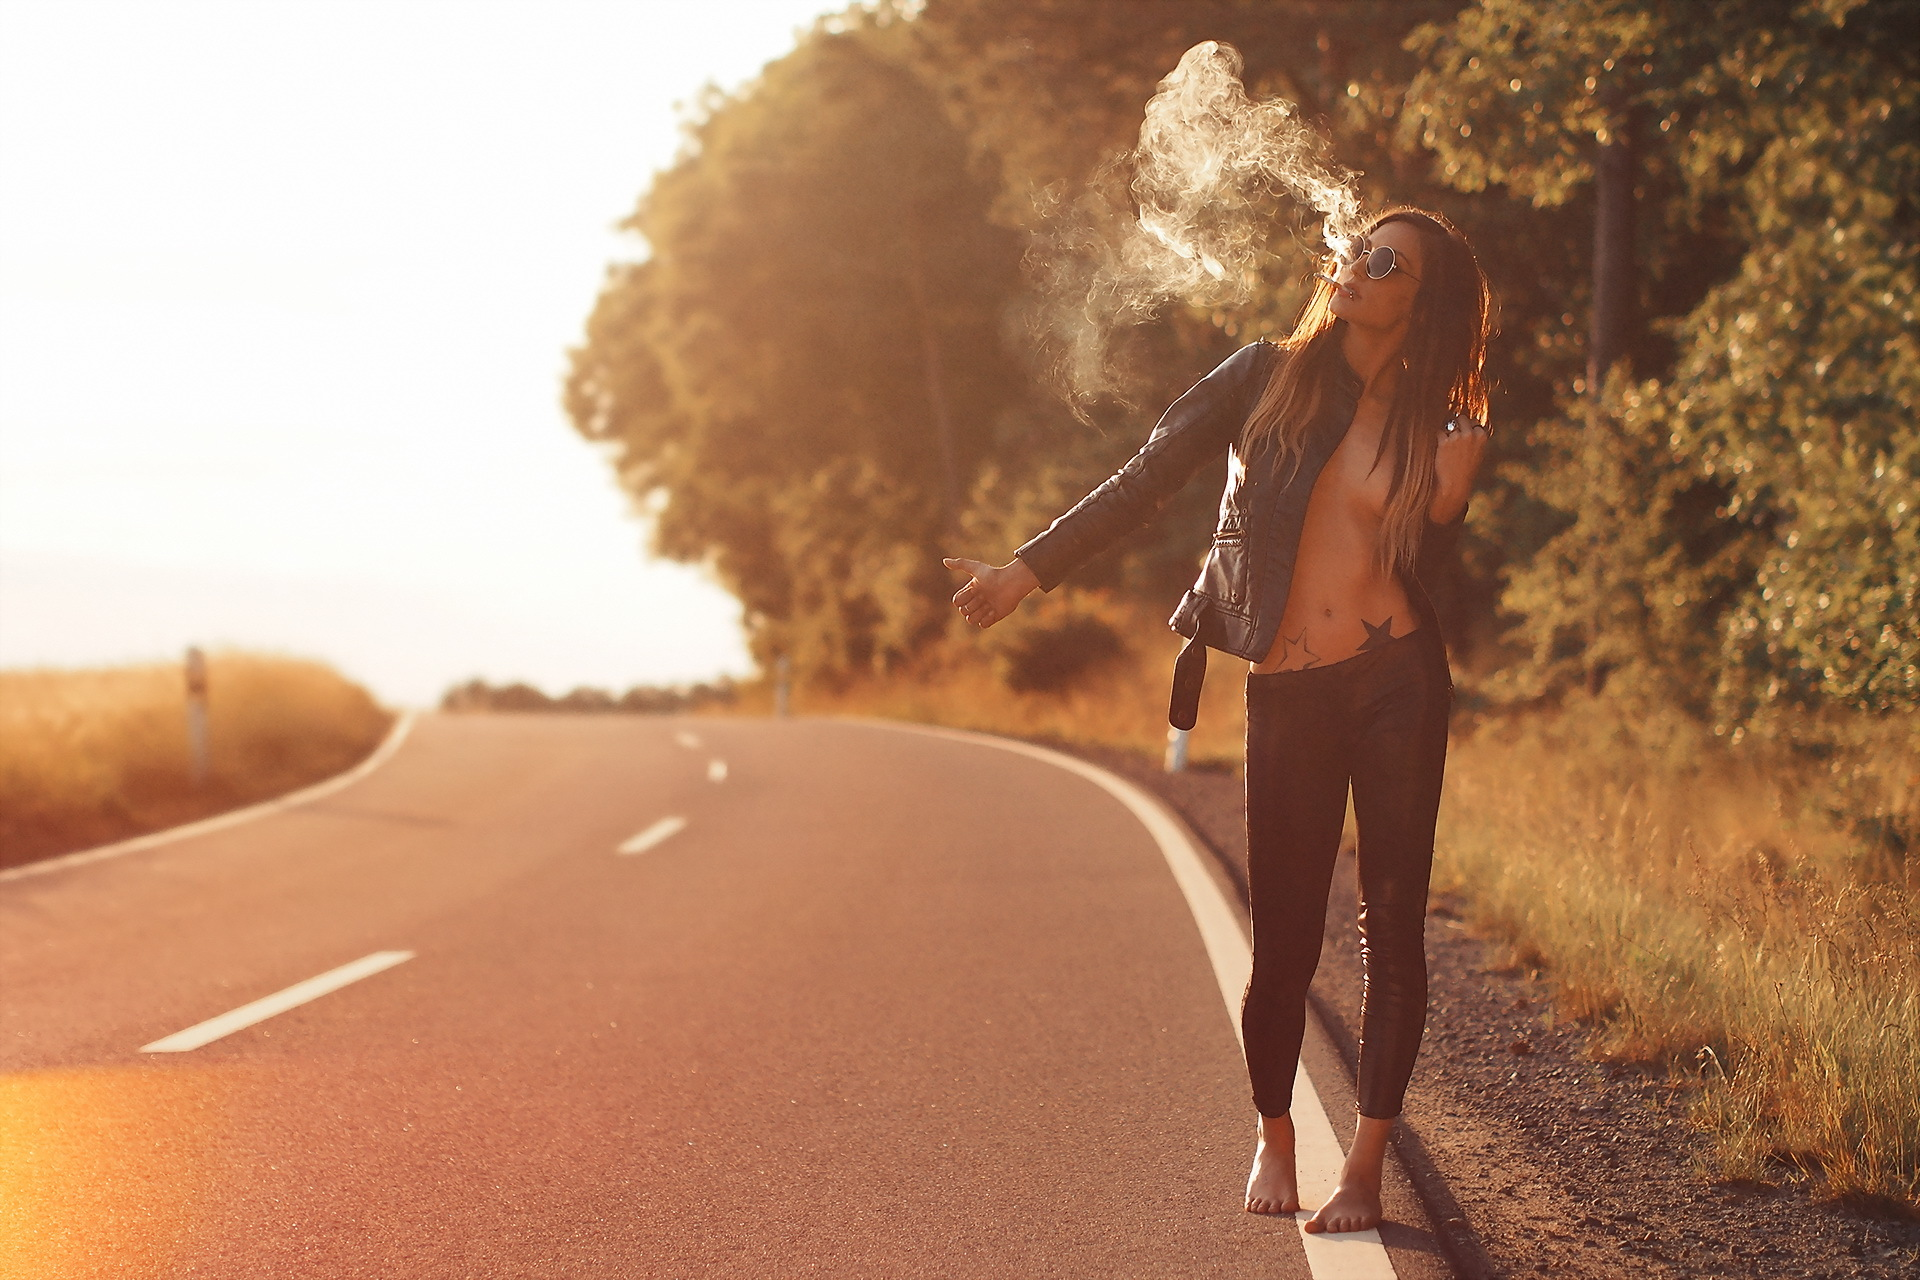 دختر سیگاری سر جاده - دختر و جاده و دود سیگار